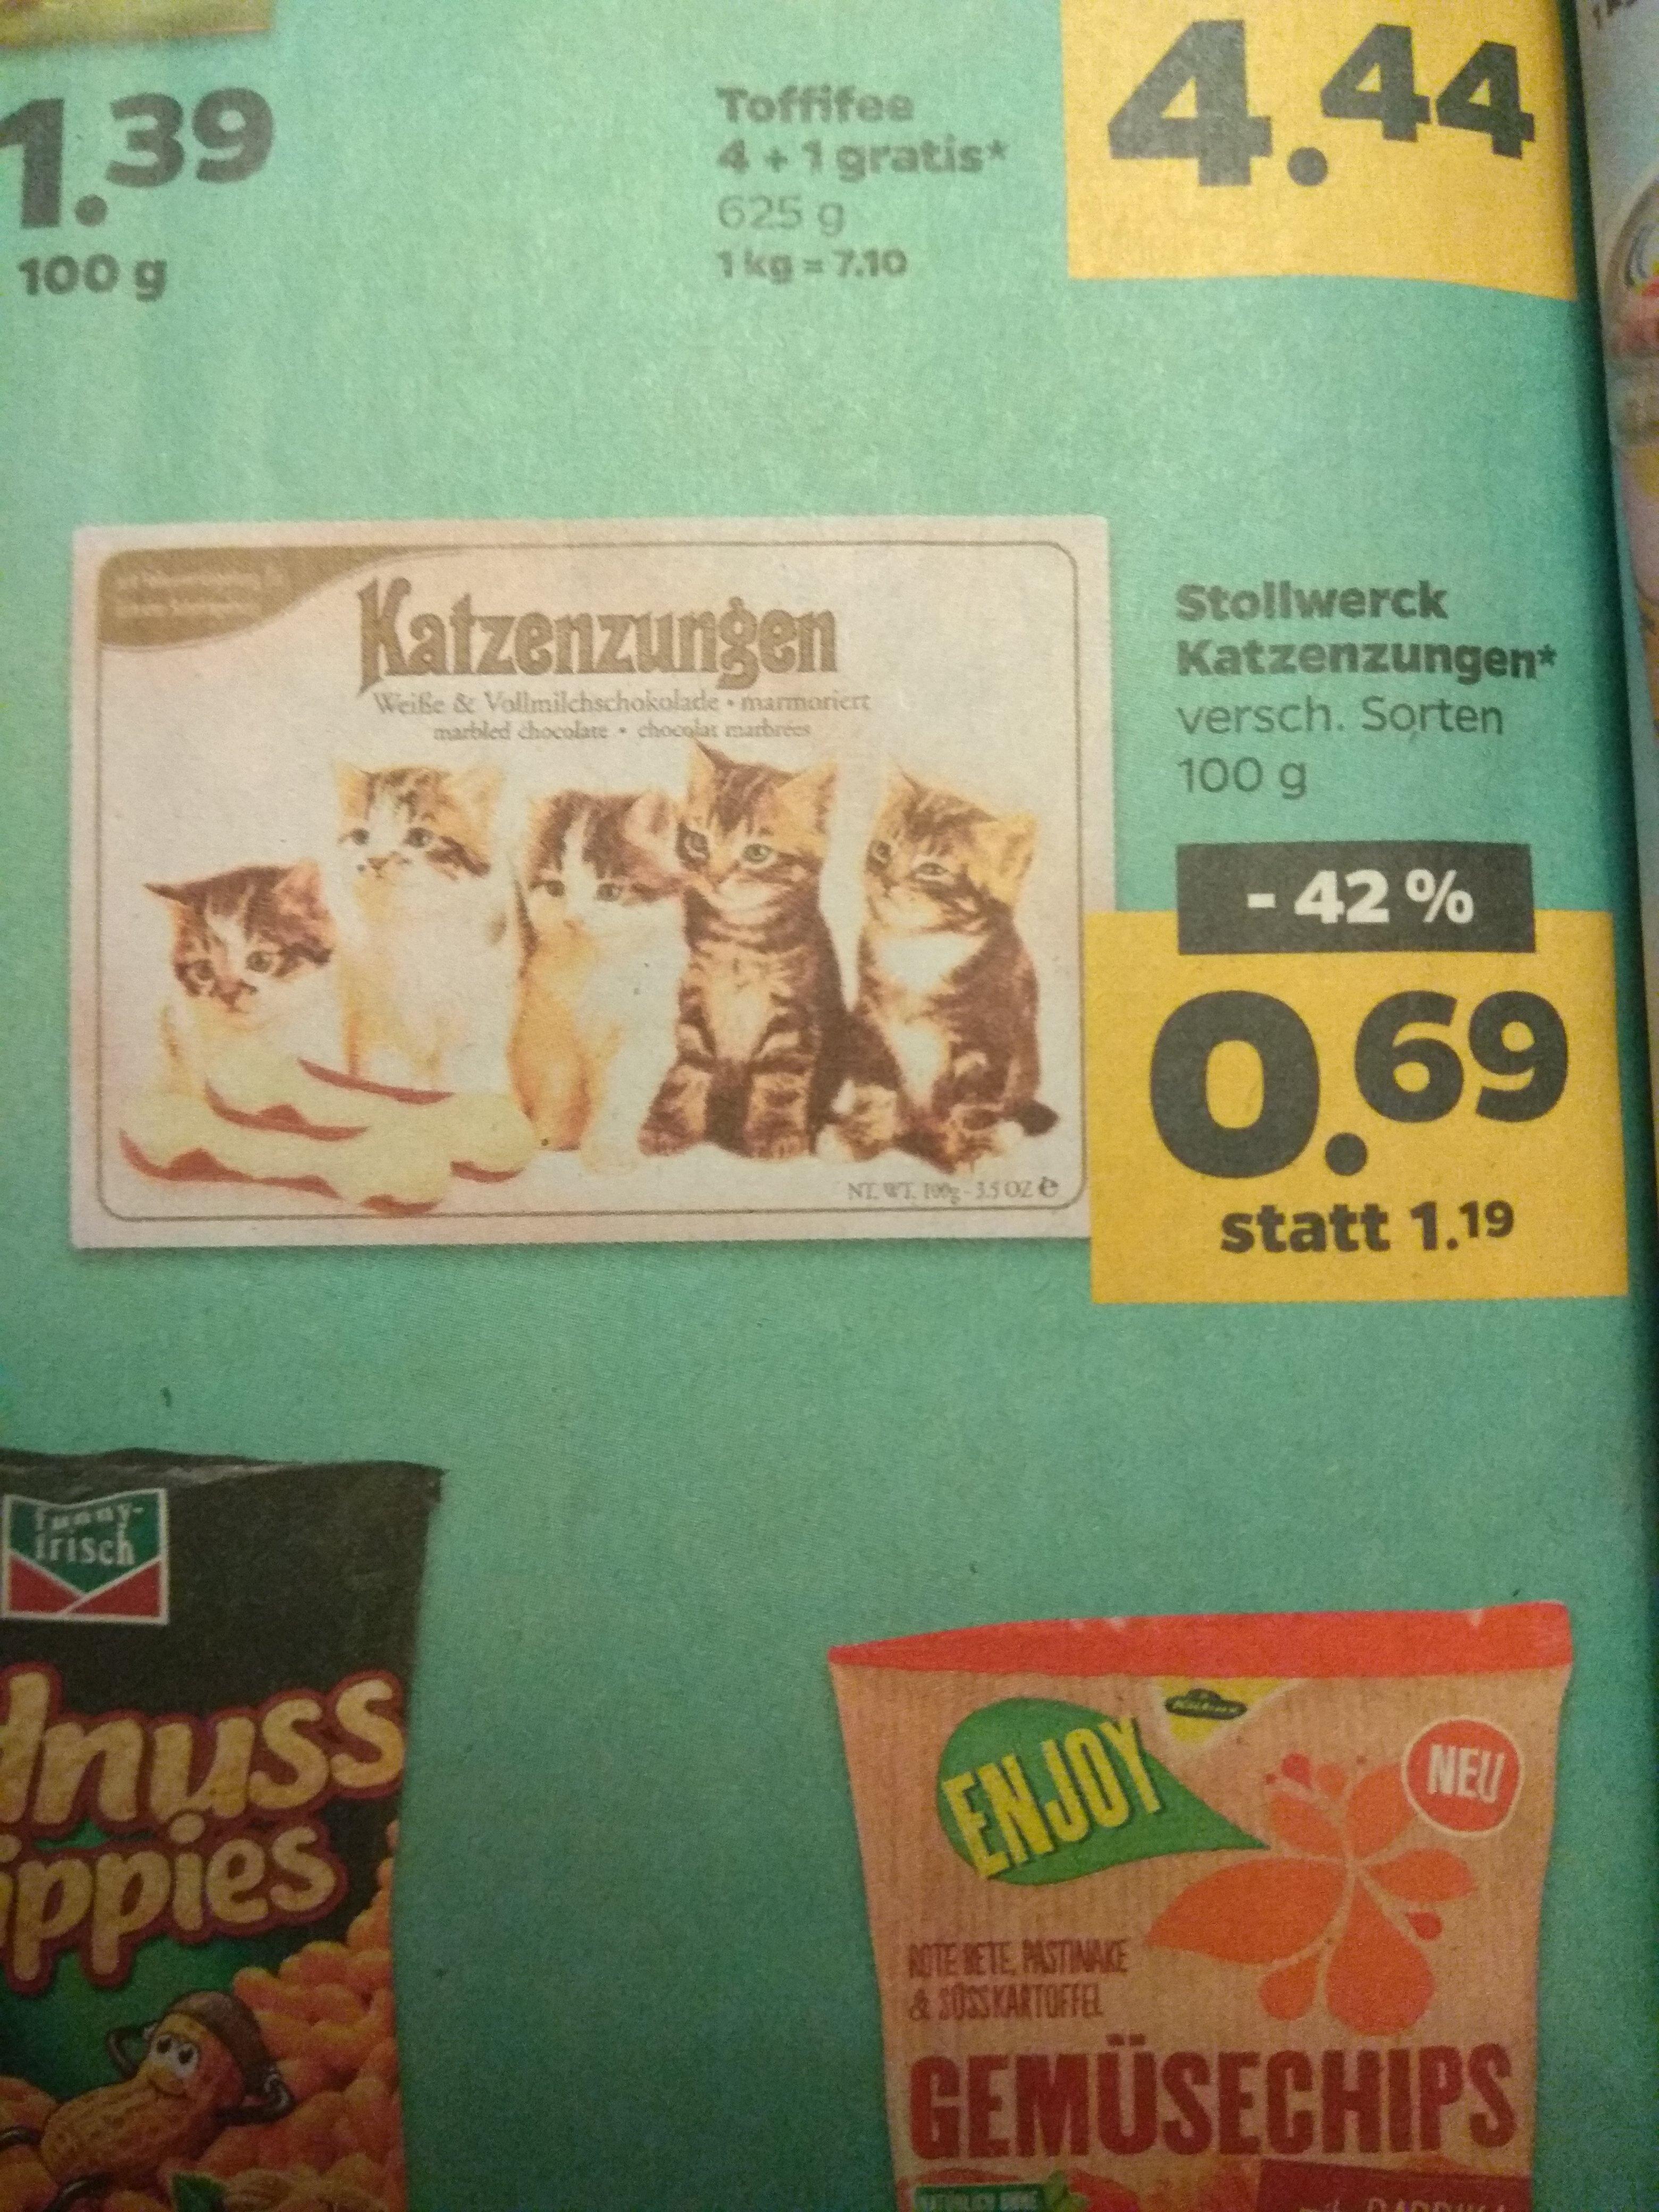 [Netto - mit Hund] Stollwerck Katzenzungen (Schokolade) - versch. Sorten - 100g - 12.02.-17.02.18